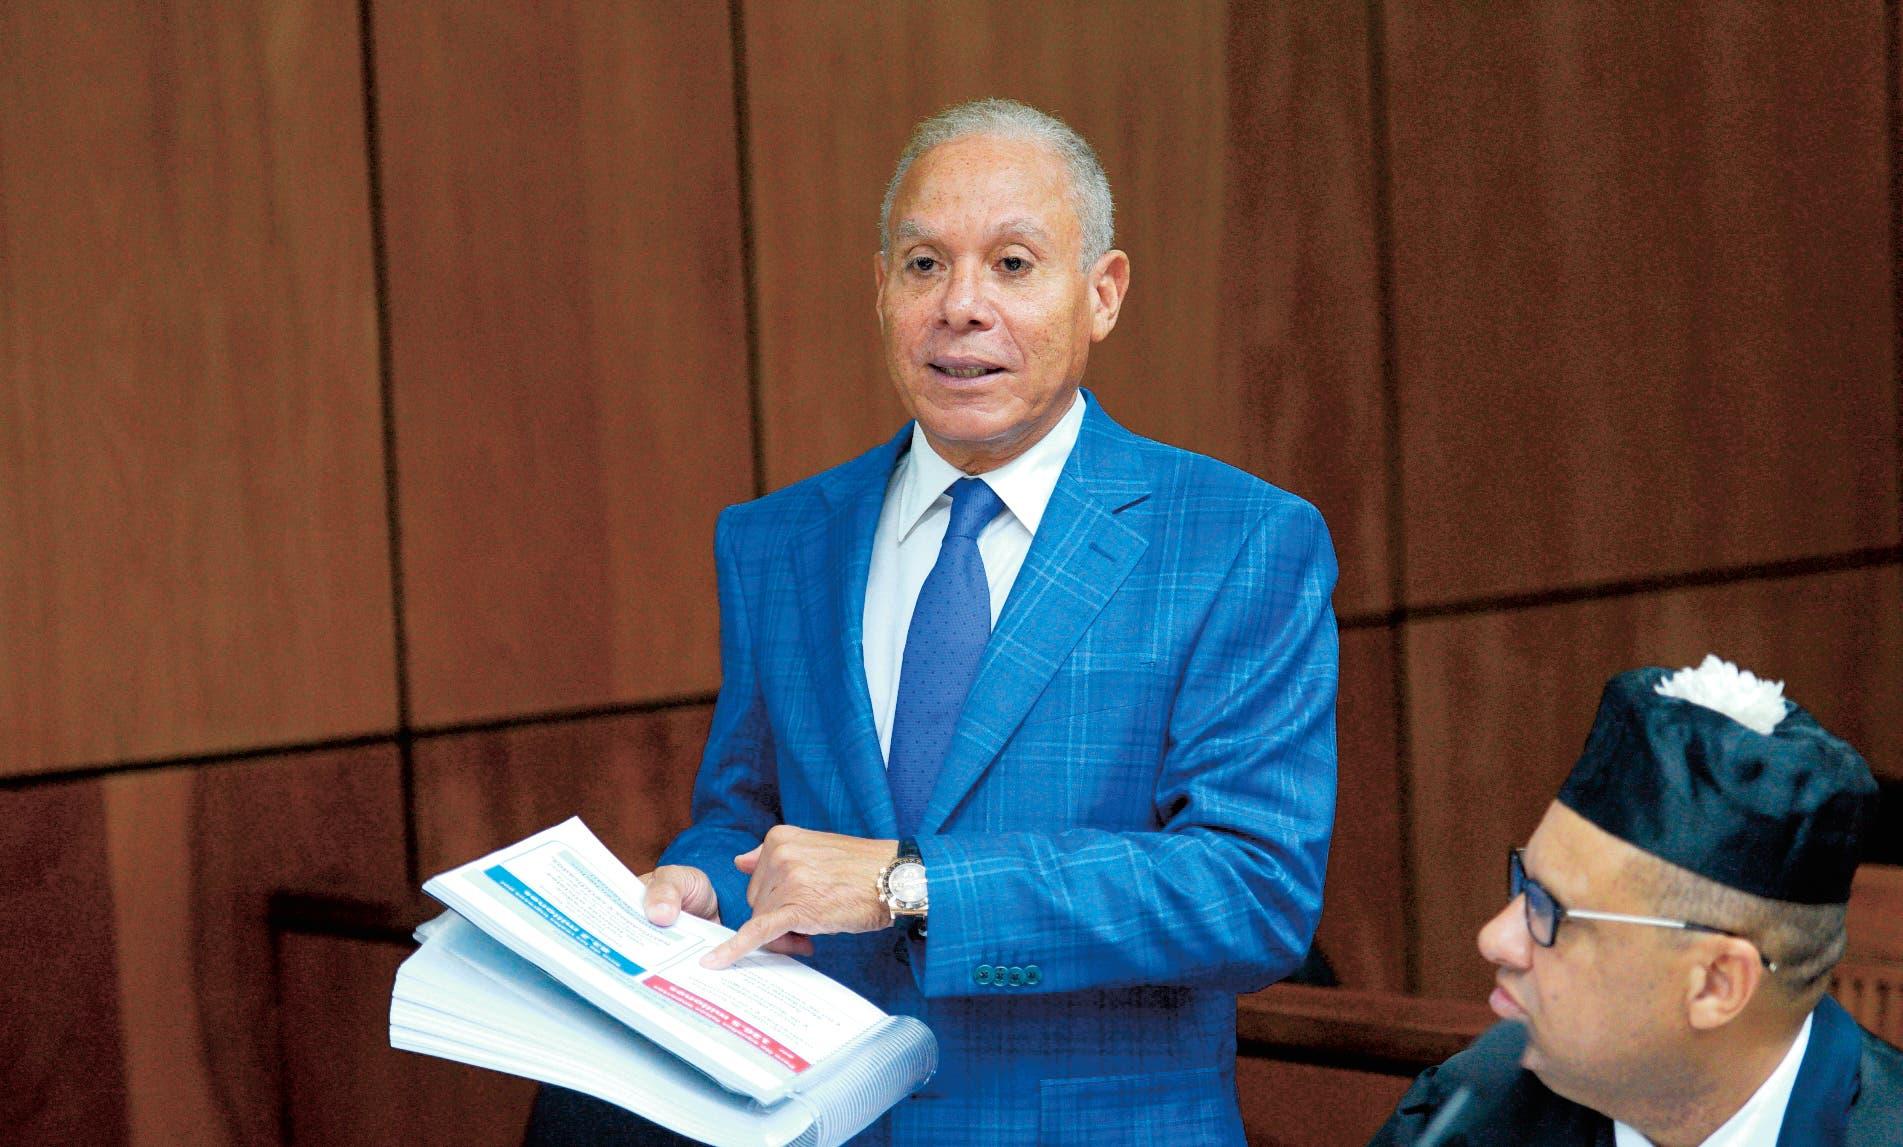 Caso Odebrecht: La carta que le envió Ángel Rondón al presidente de la SCJ